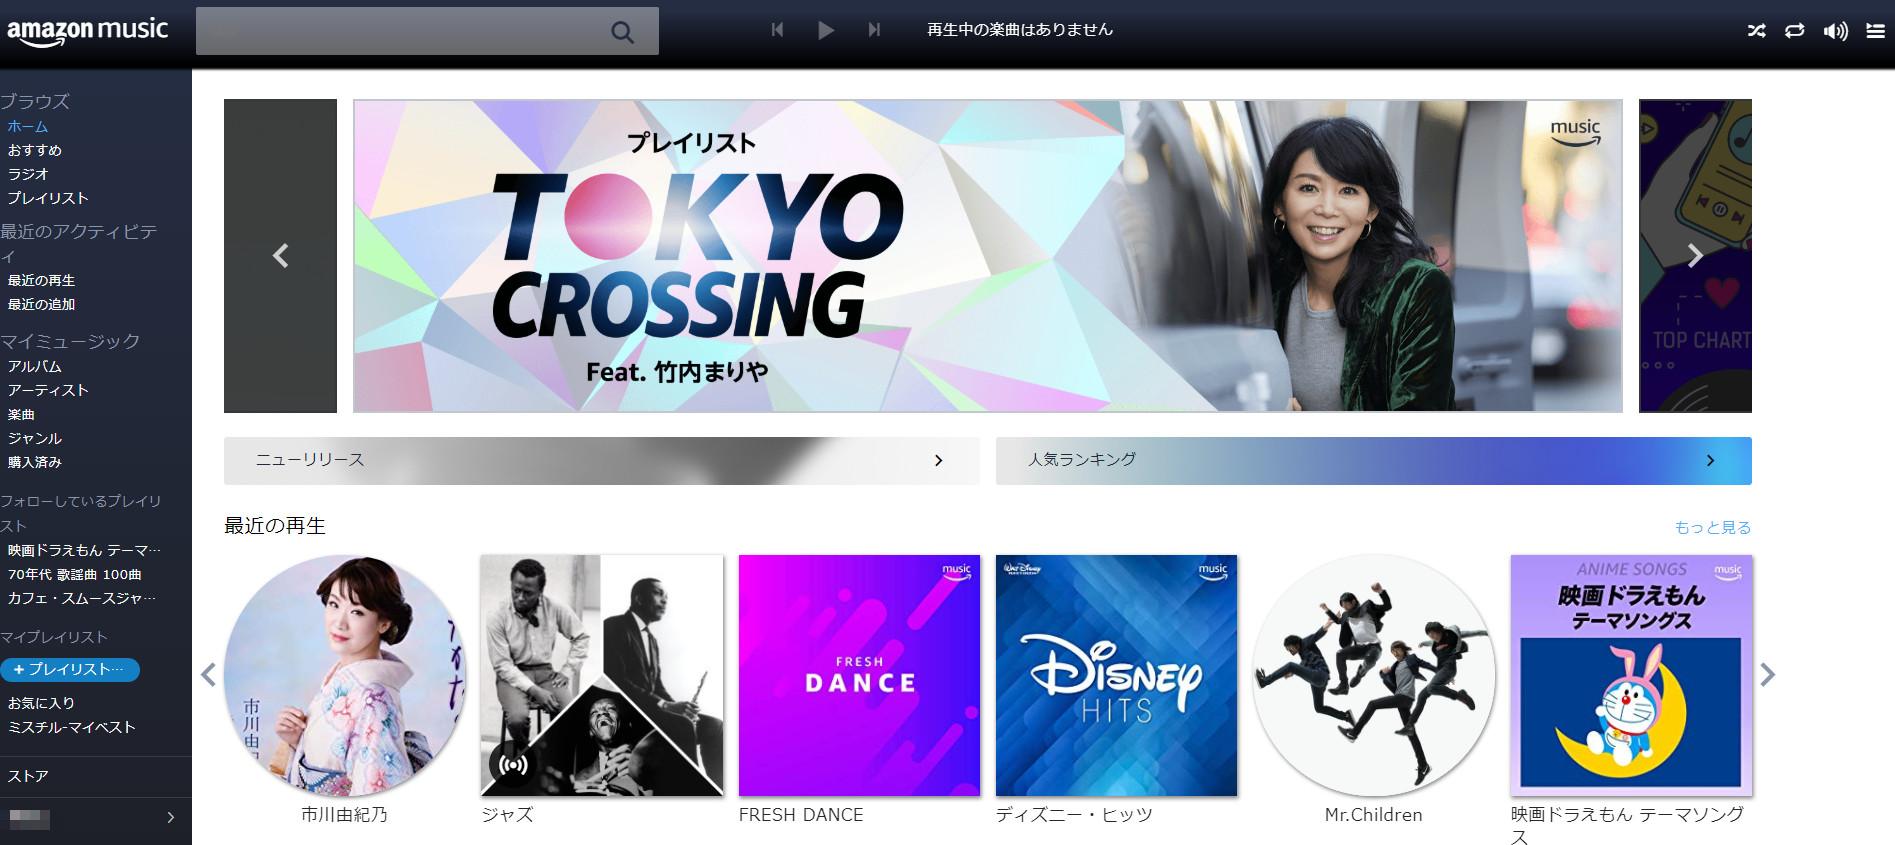 Amazon Musicのホーム画面